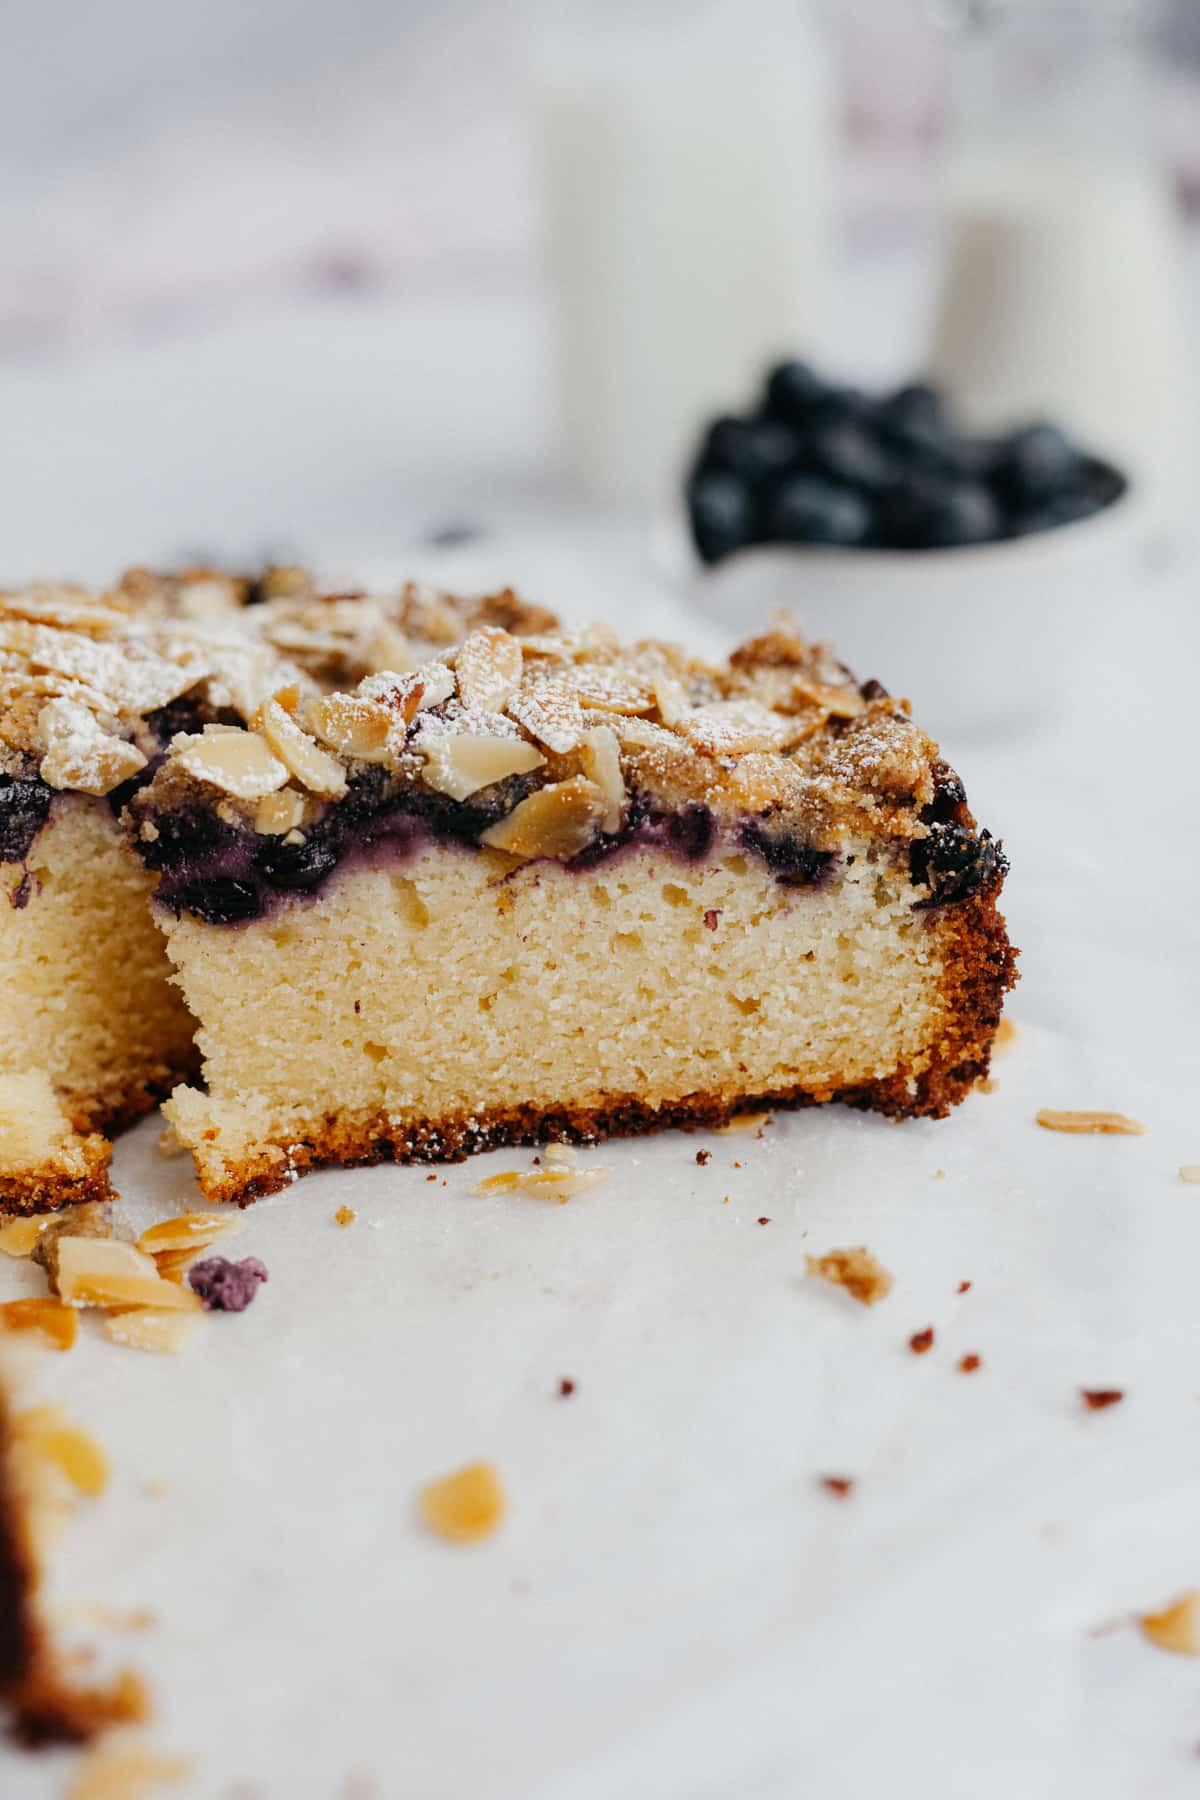 A side angle shot of a slice of blueberry almond lemon cake.